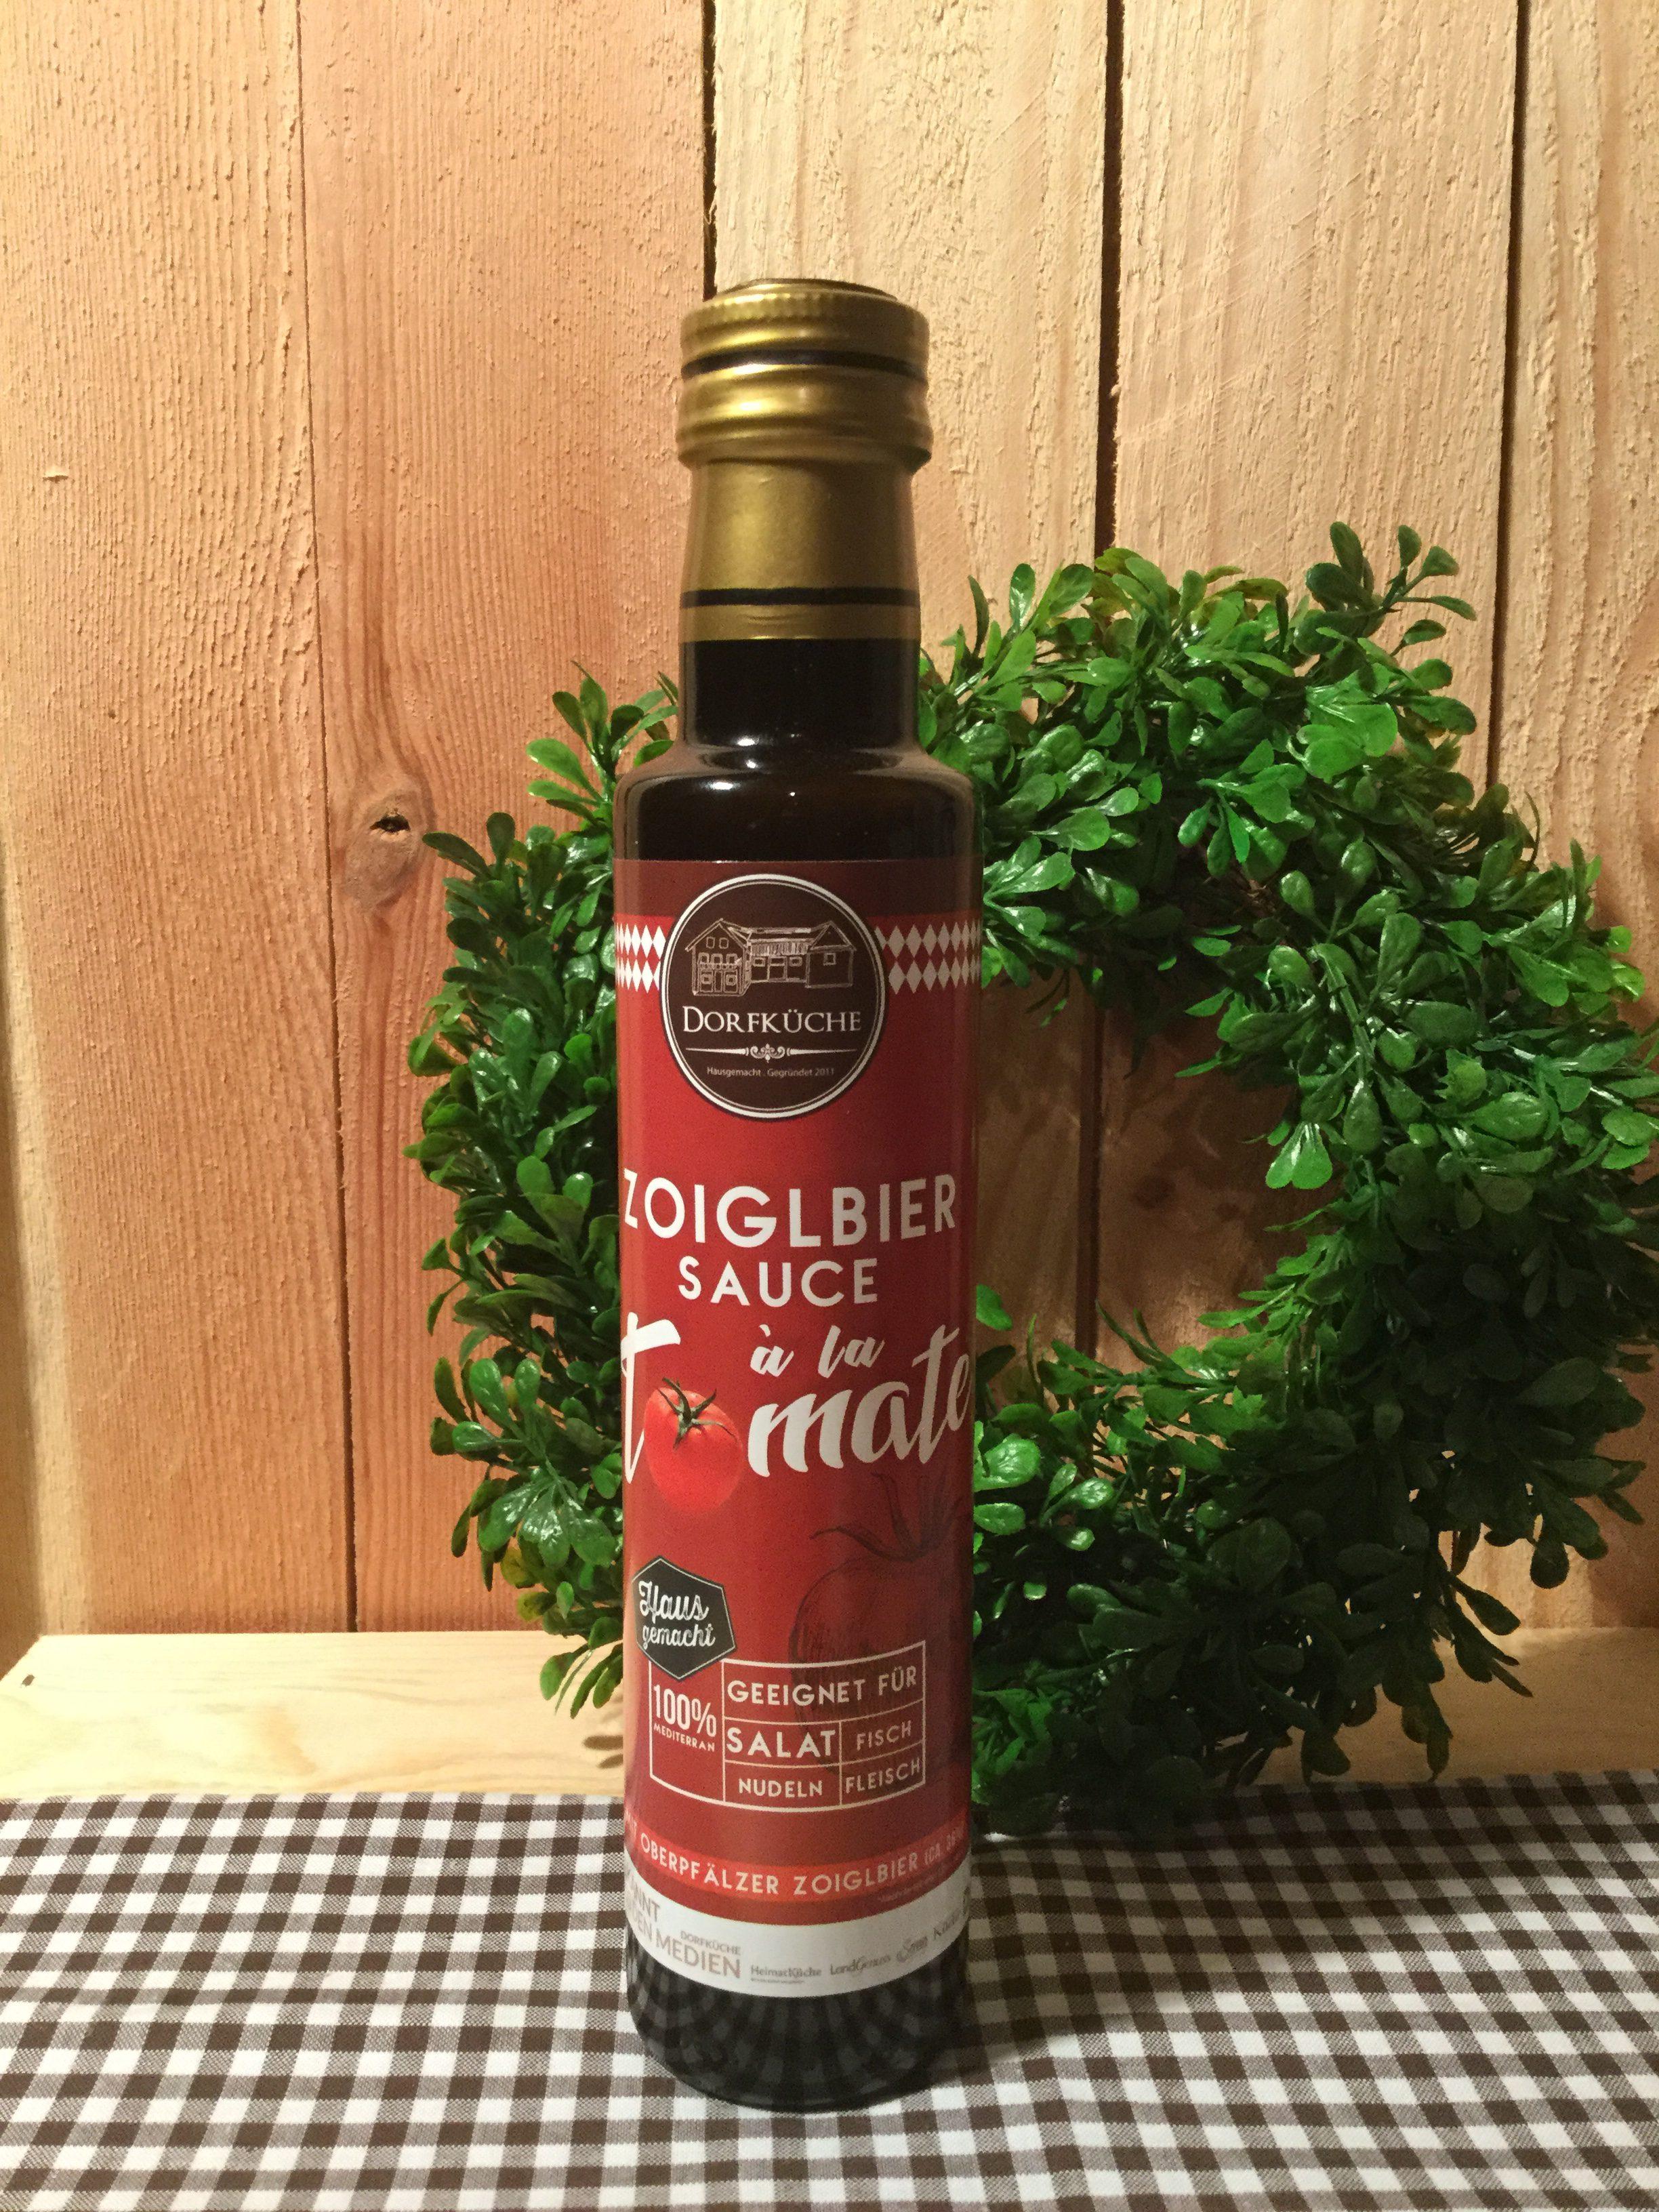 Zoiglbier Sauce à la Tomate